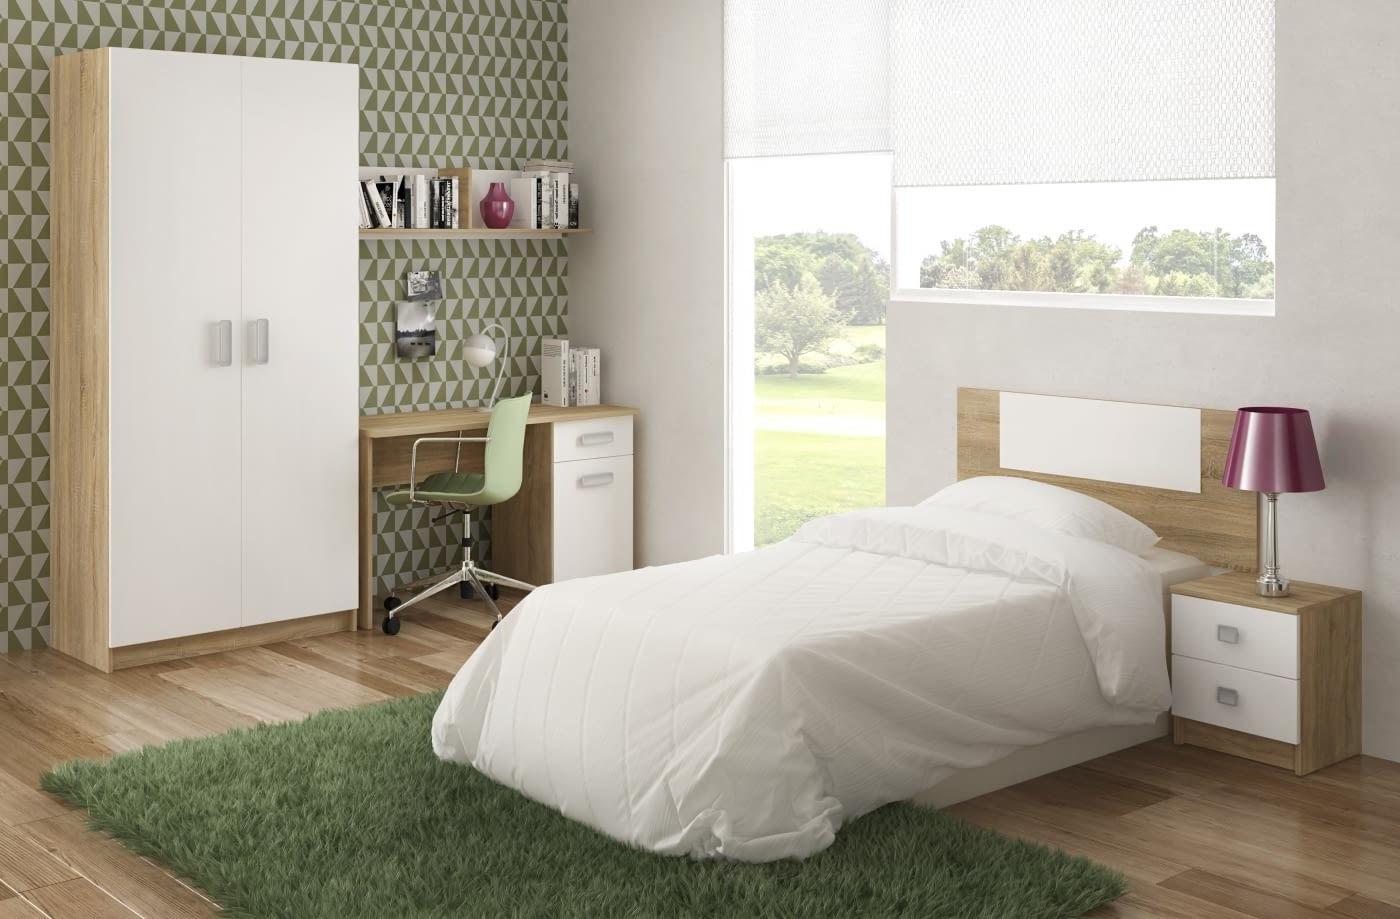 Amazon Muebles Dormitorio Dddy Dormitorio Juvenil Pleto Dormitorio De Matrimonio